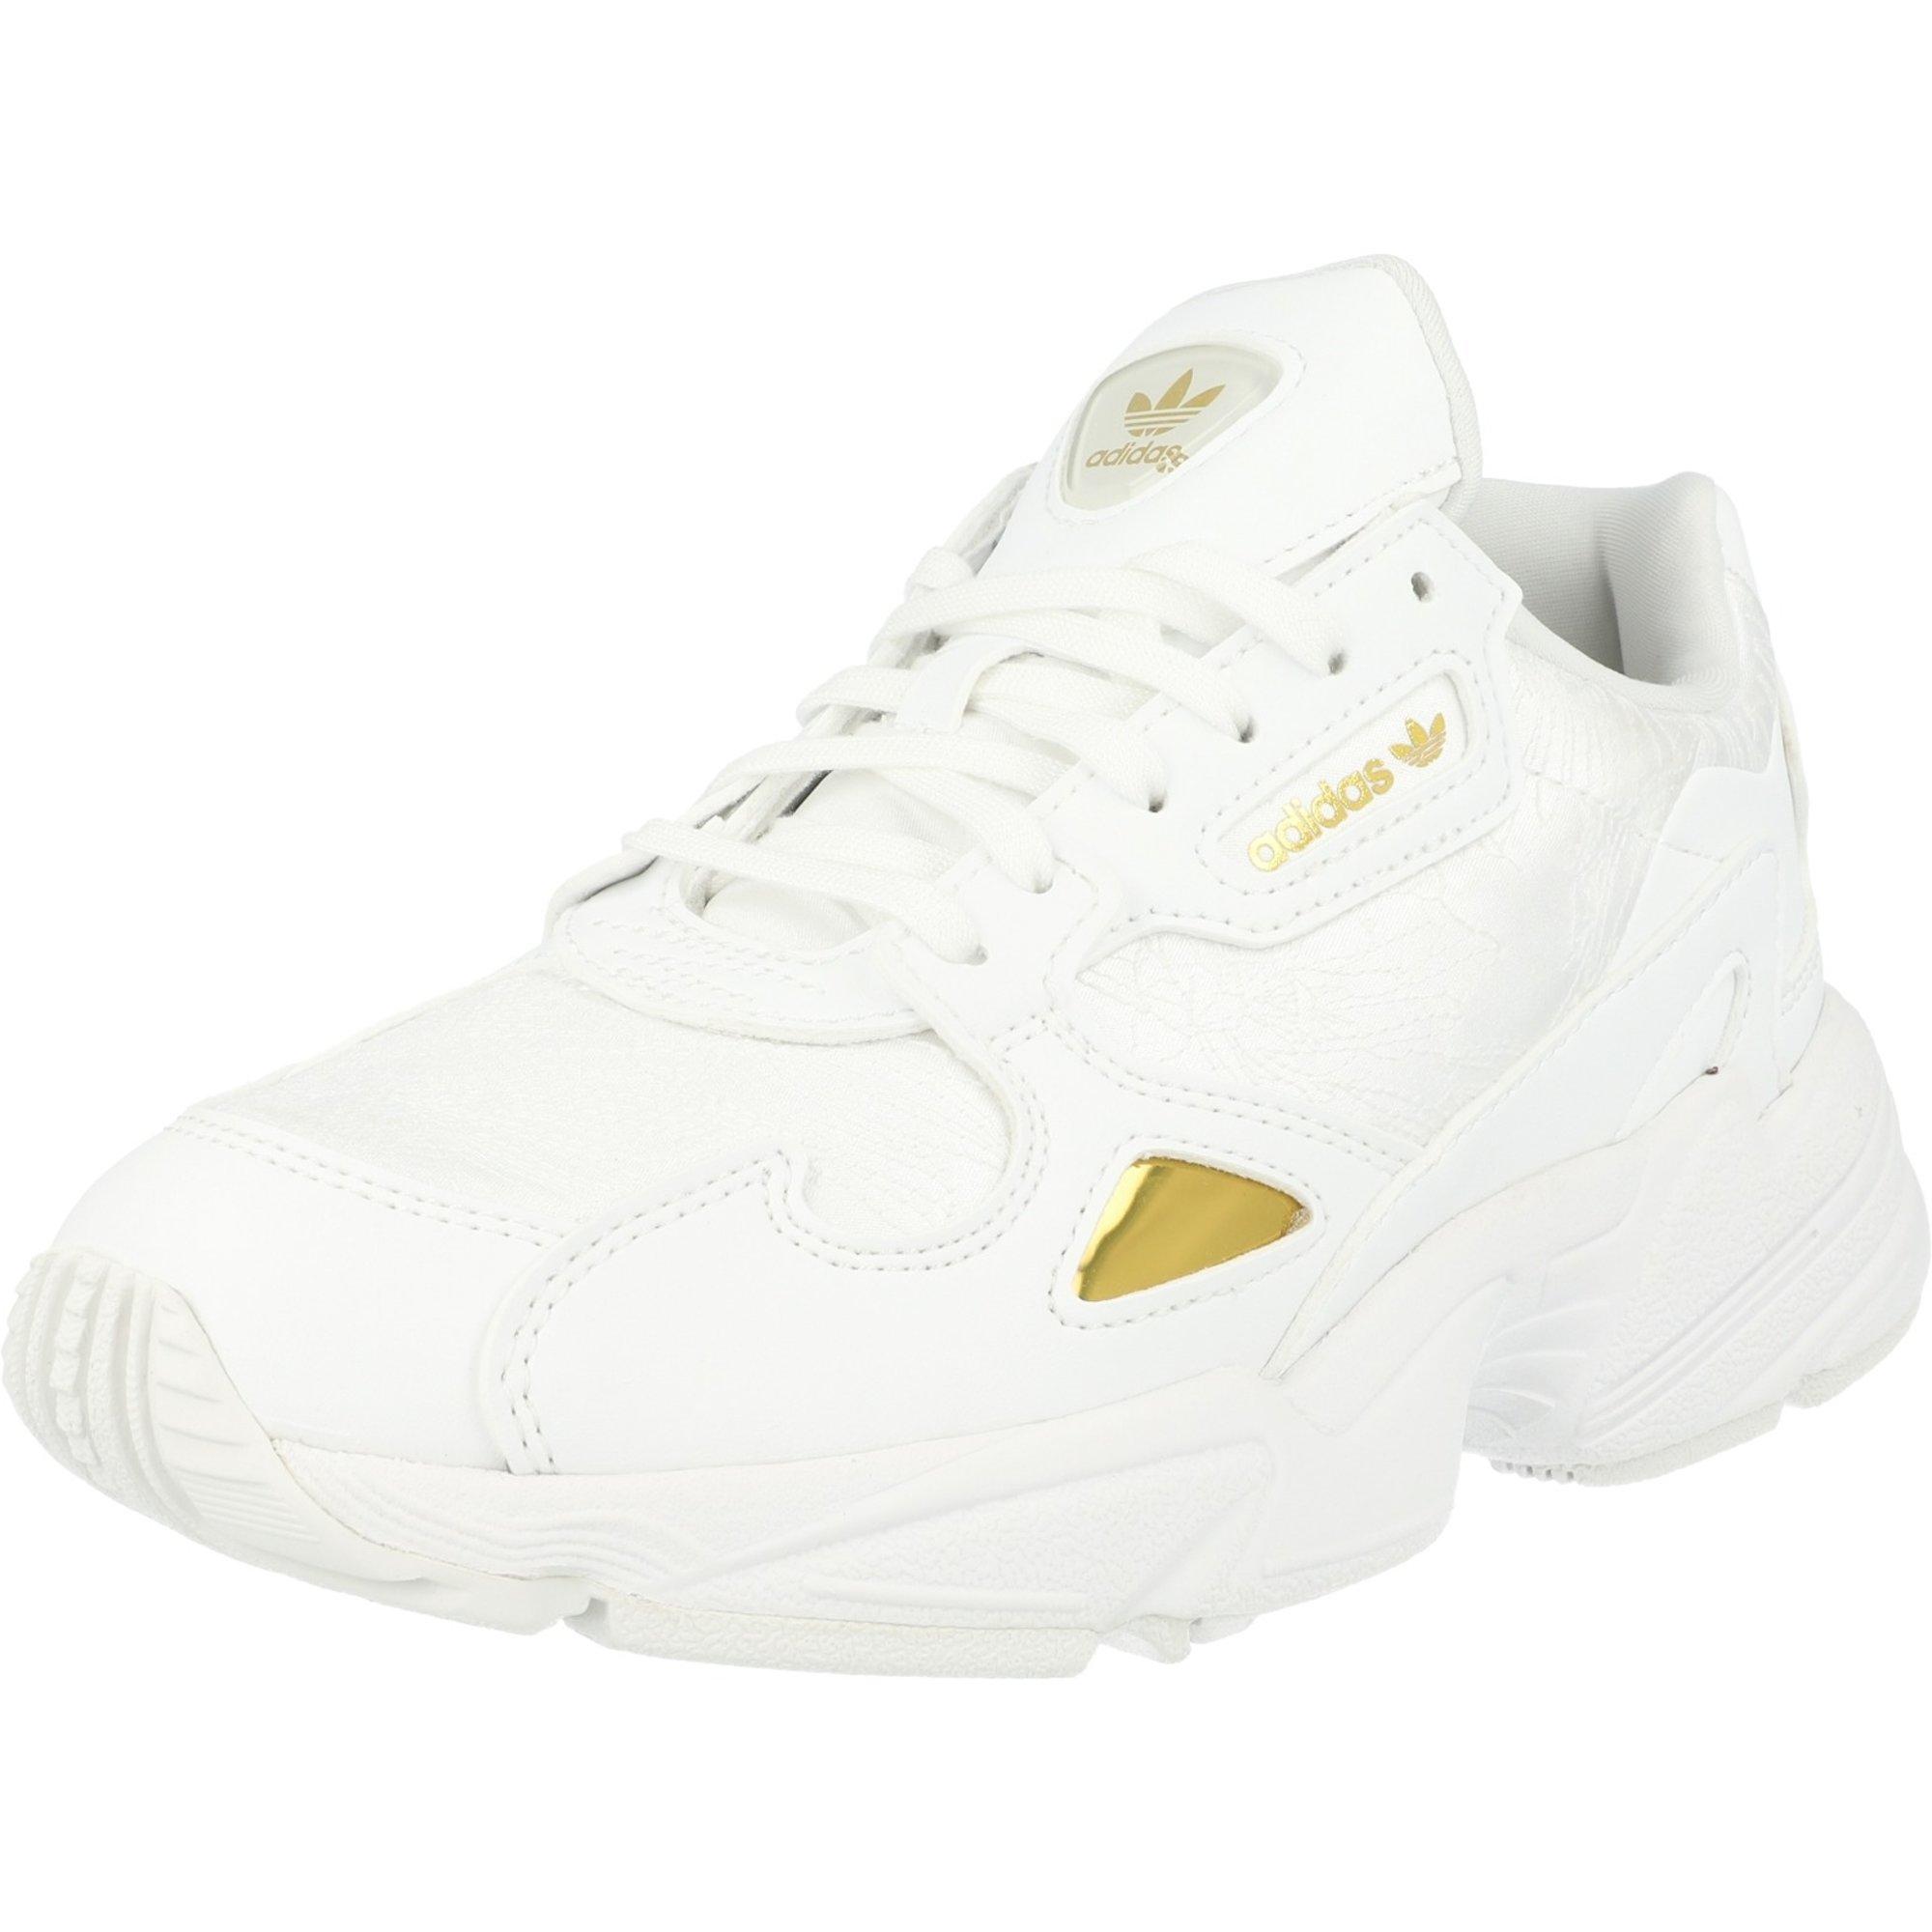 adidas Originals Falcon W White/Gold